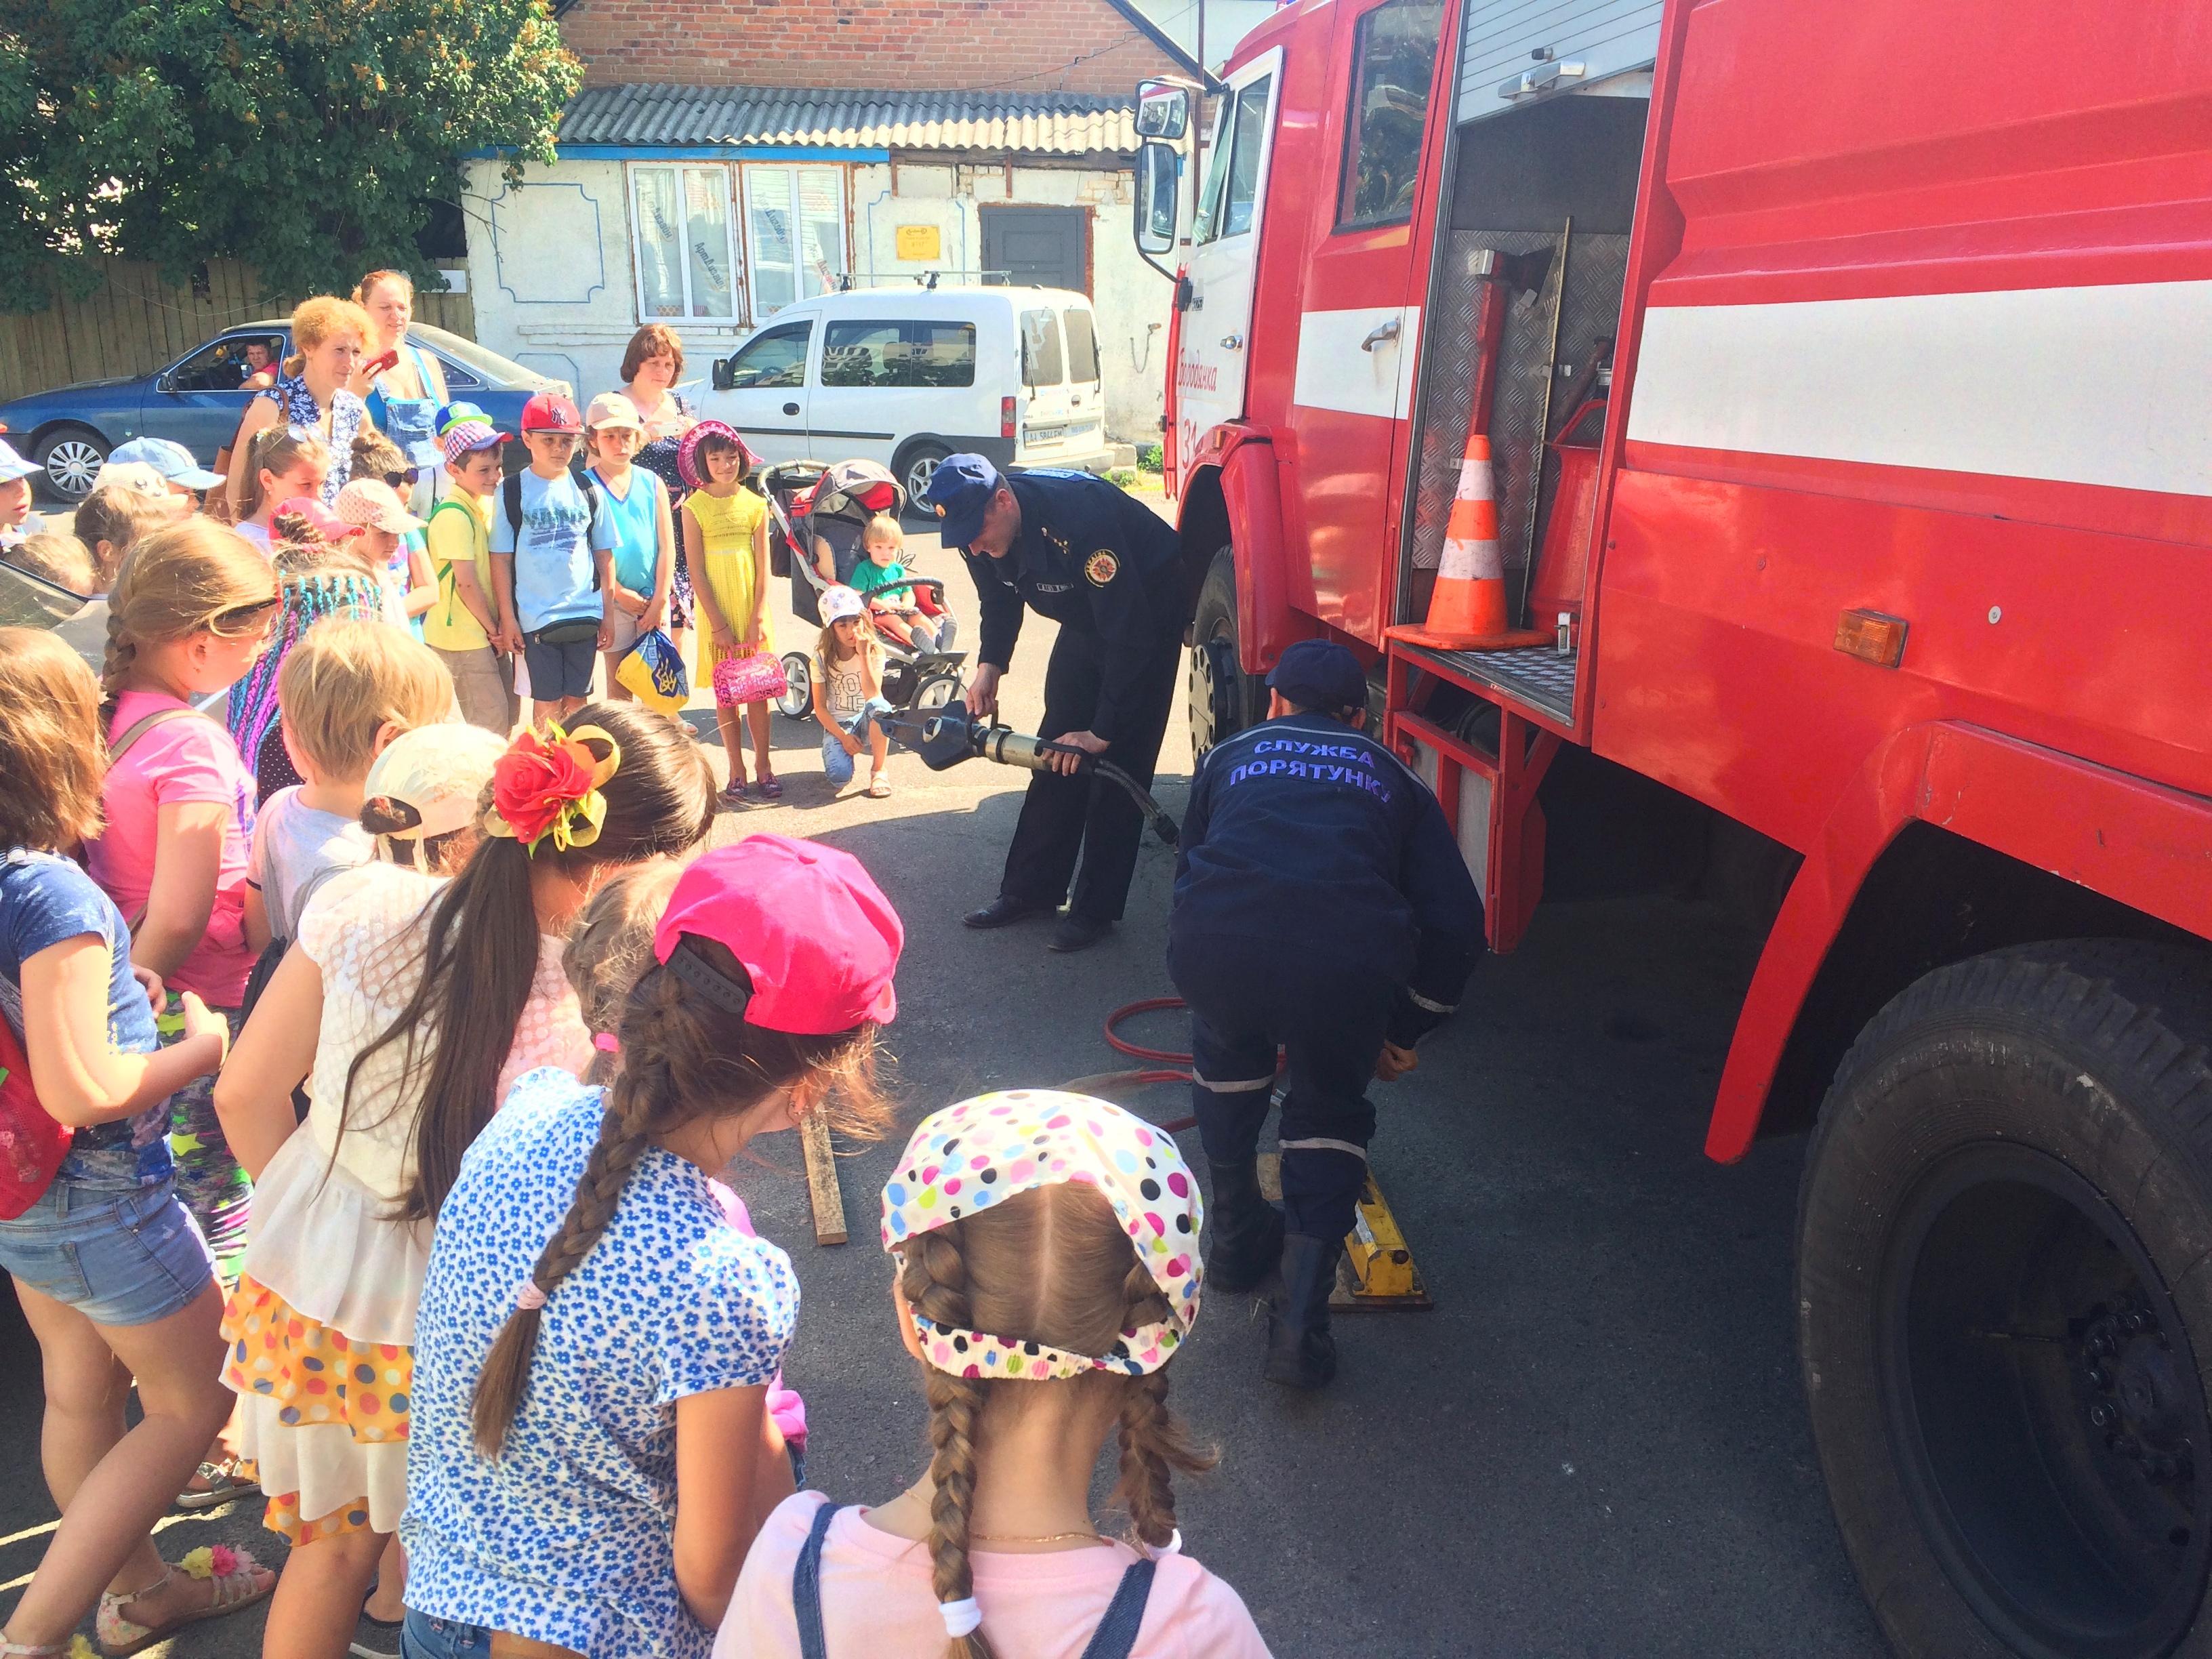 Бородянські рятувальники провели екскурсію пожежною частиною для школярів - школа, рятувальники, Діти, Бородянська РВ ГУ ДСНС - 2905 pozhezhnyky 2